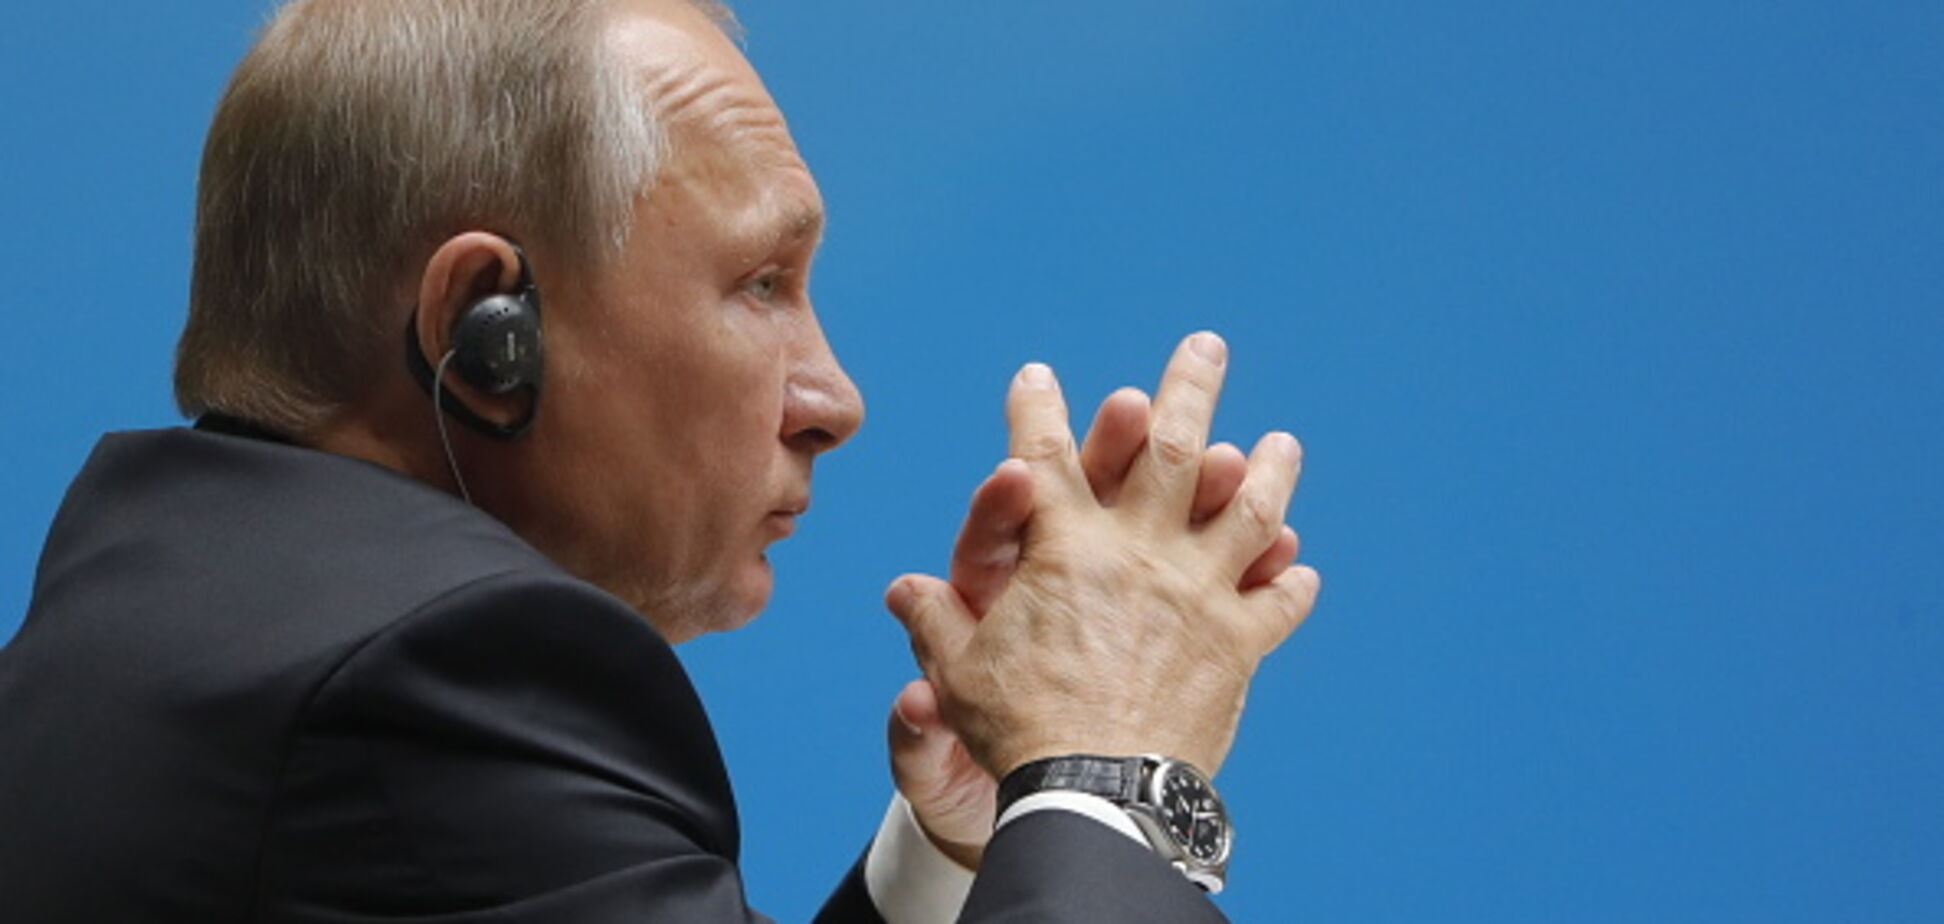 Сценарии Кремля не пройдут: у Порошенко жестко ответили на 'миротворчество' Путина